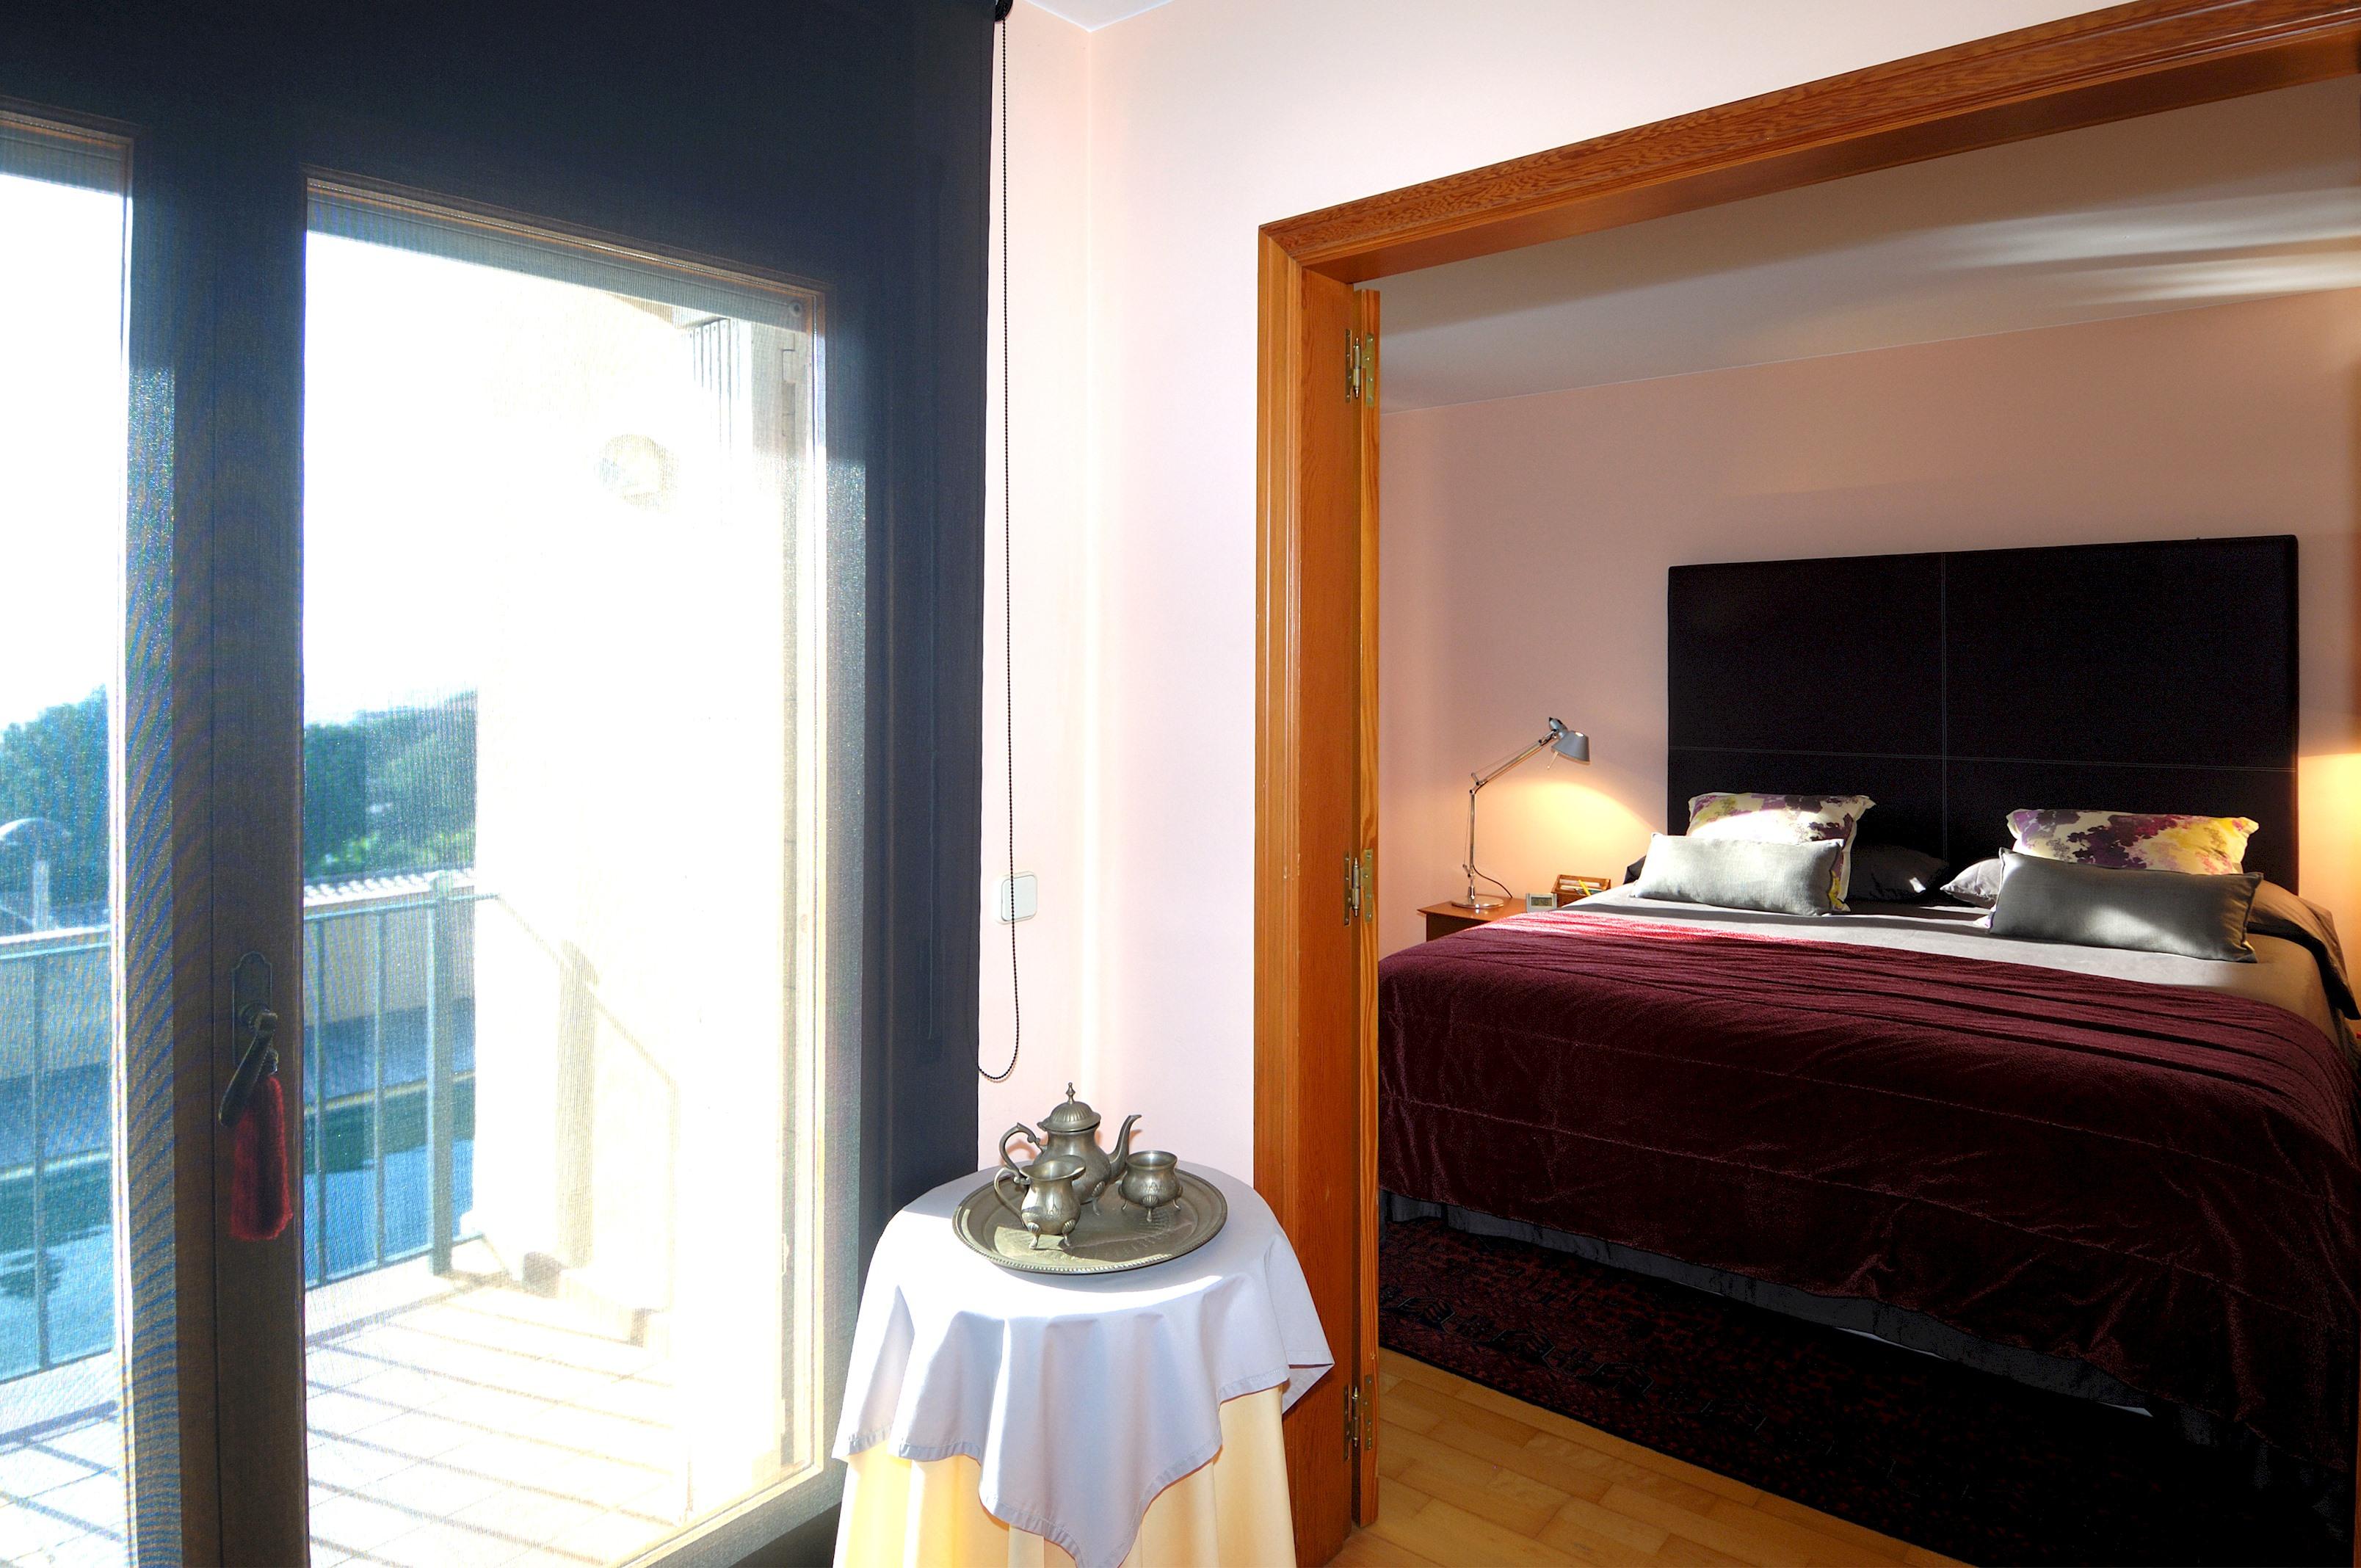 Apartment ROSA  ESPECTACULAR CASA MODERNA EN SANT ELM CON PISCINA PRIVADA Y WIFI GRATUITO photo 30445285